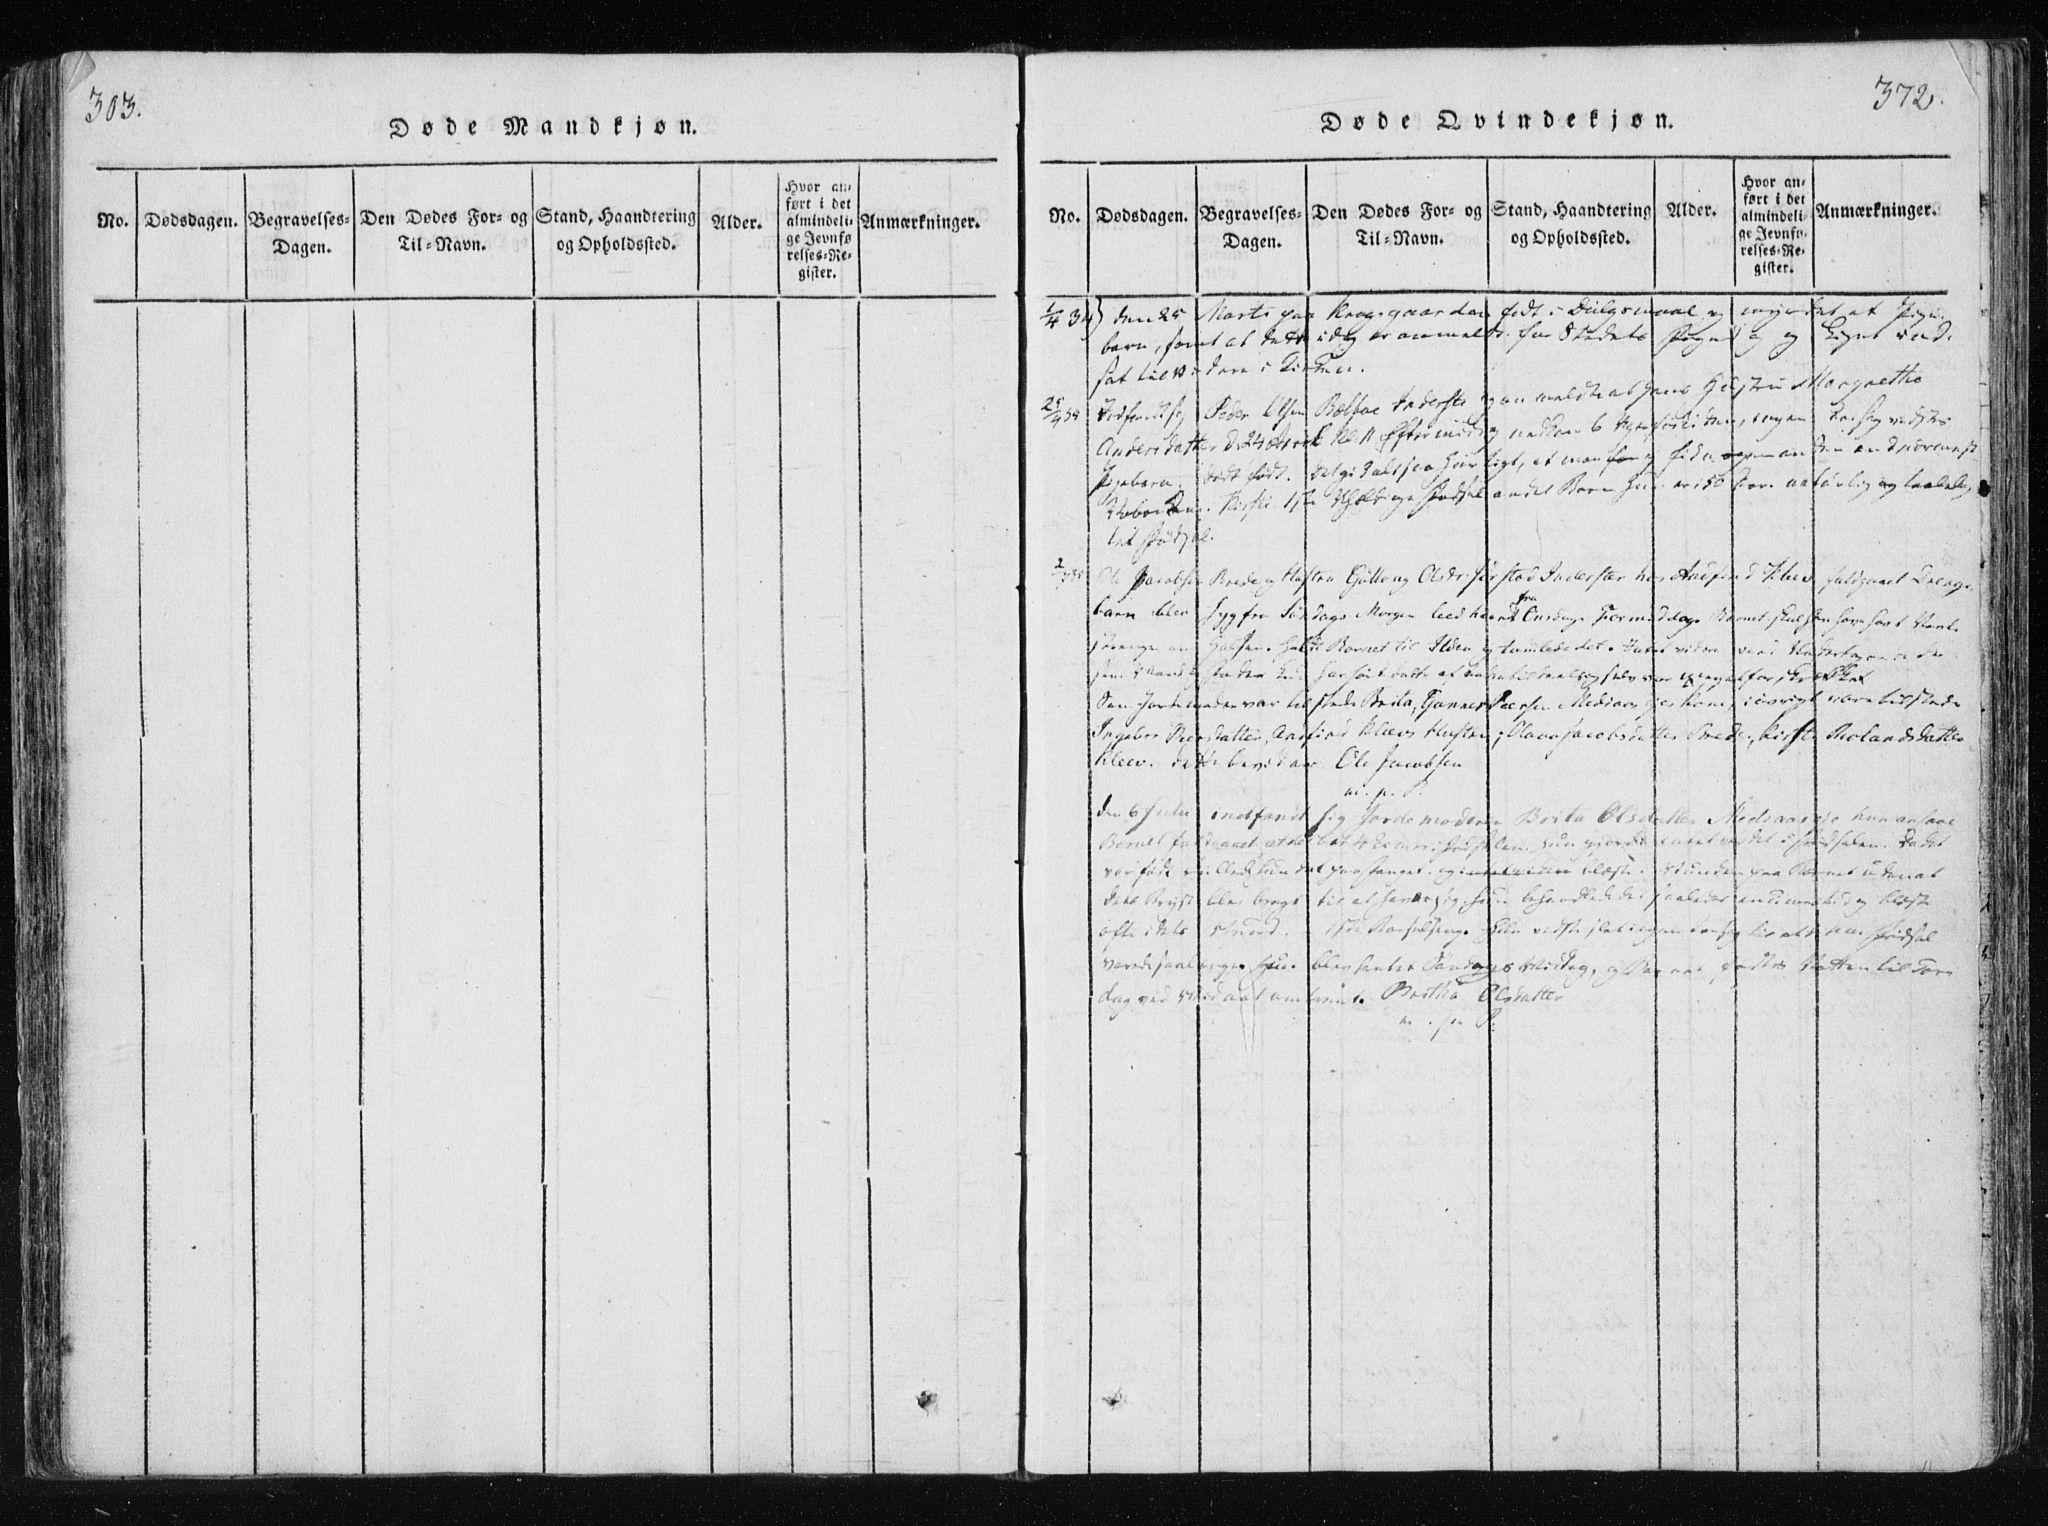 SAT, Ministerialprotokoller, klokkerbøker og fødselsregistre - Nord-Trøndelag, 749/L0469: Ministerialbok nr. 749A03, 1817-1857, s. 371-372